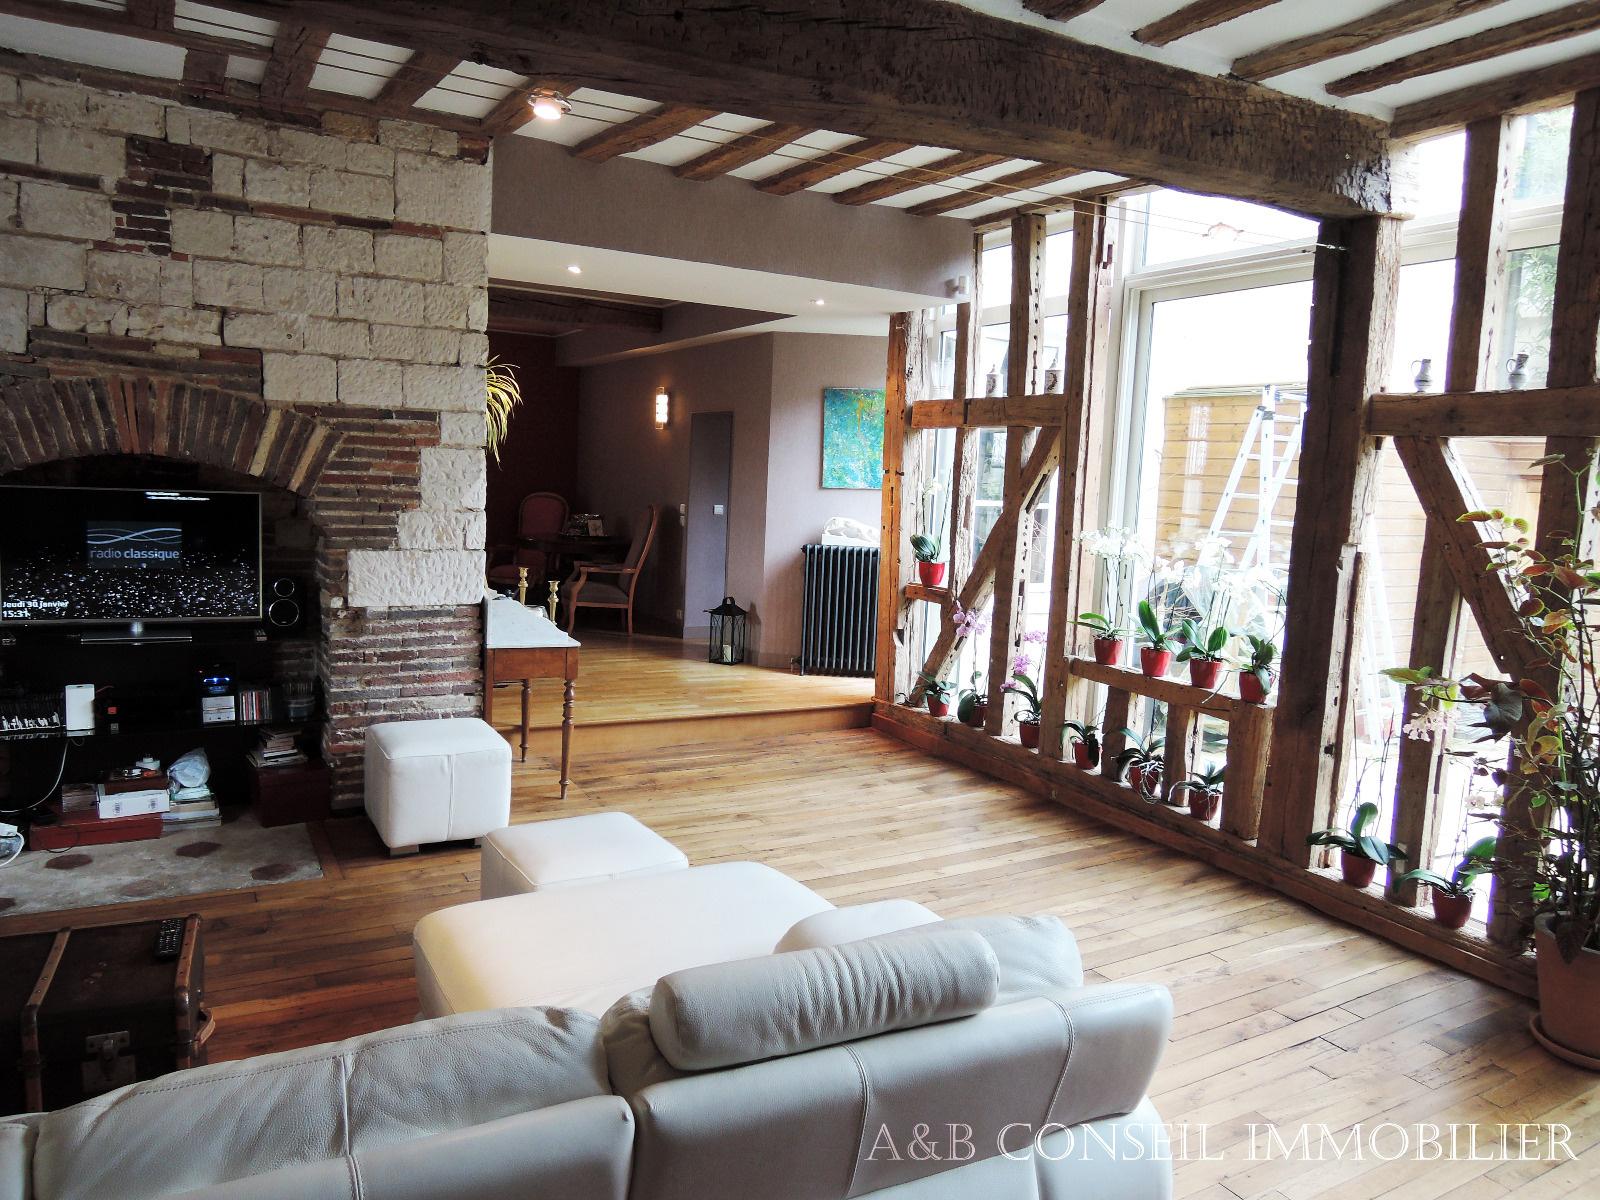 vente troyes secteur de gaulle vente d 39 une maison 8. Black Bedroom Furniture Sets. Home Design Ideas